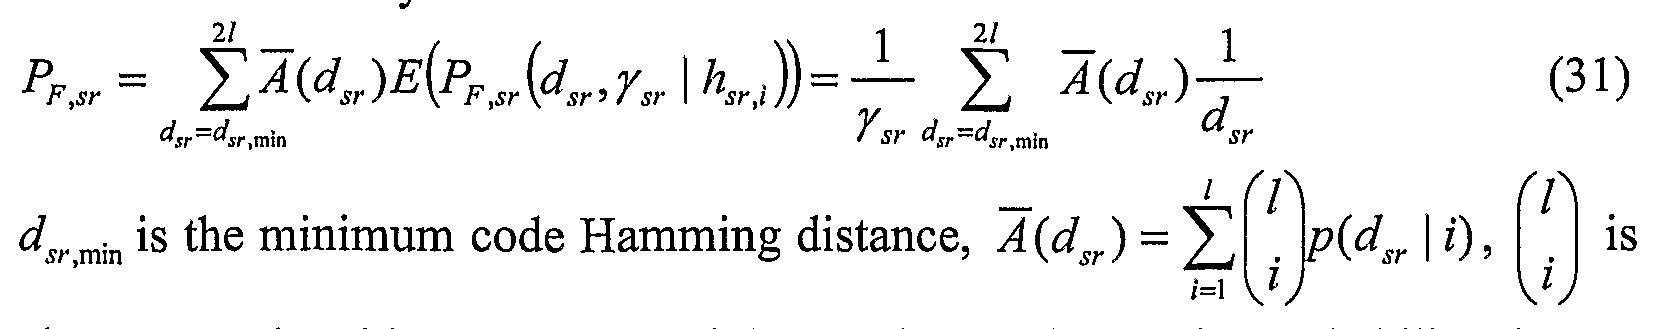 Figure imgf000014_0006